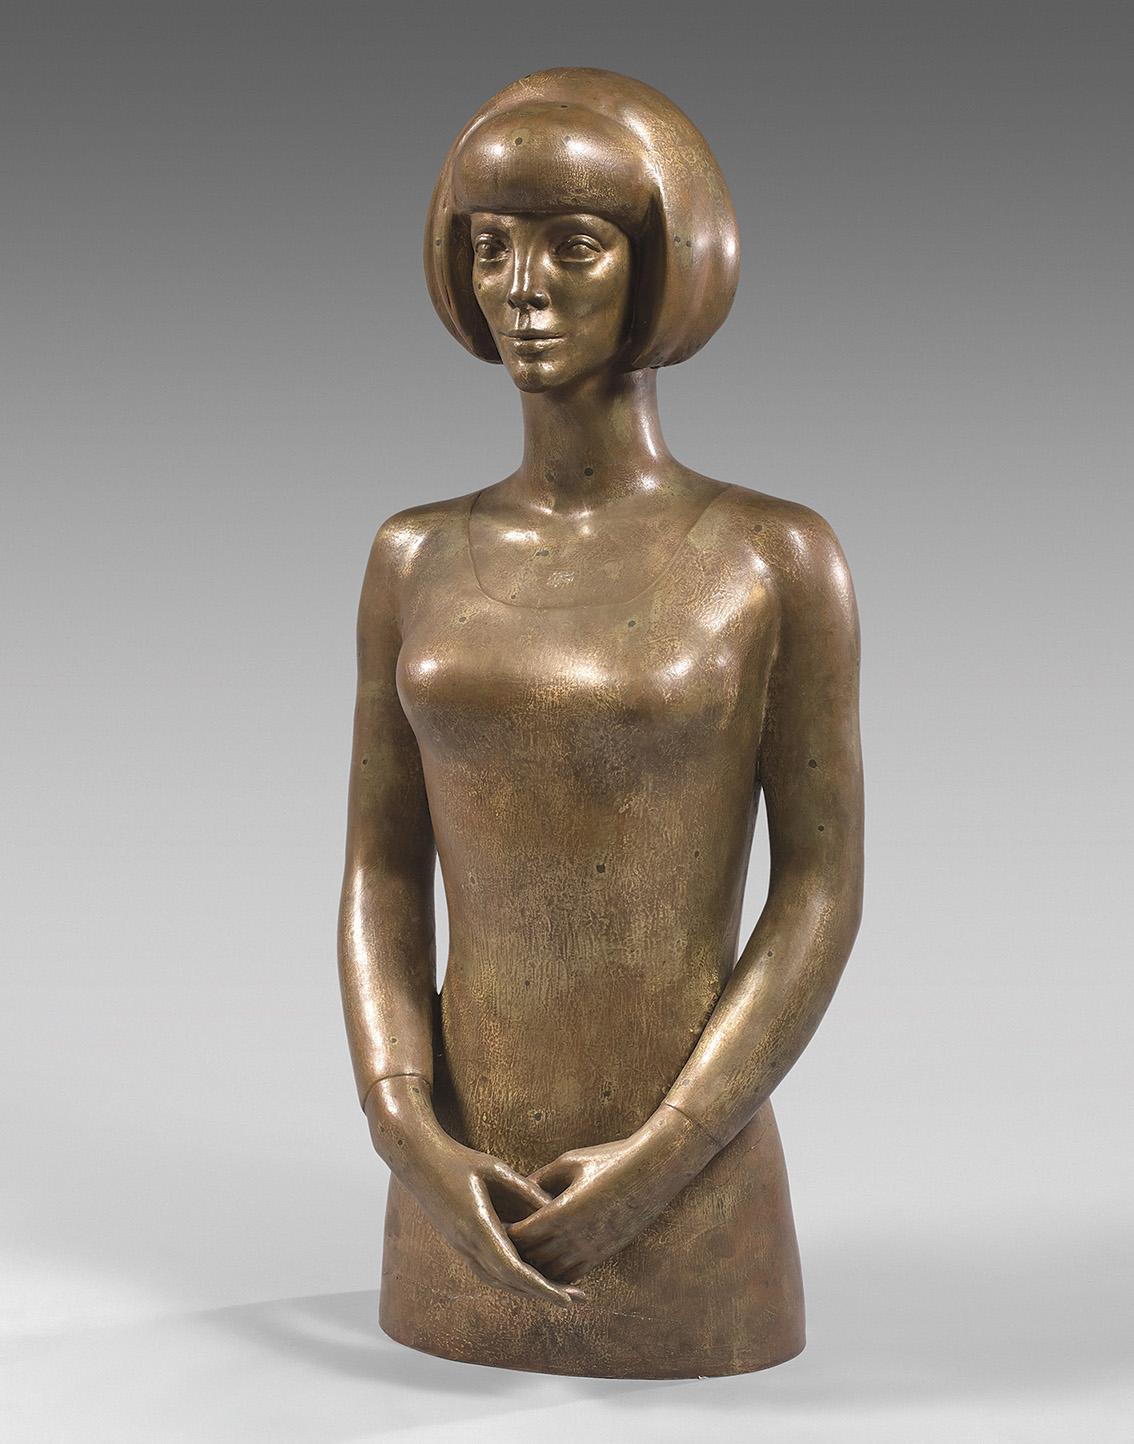 C'est entre 2000 et 3000€ qu'est estimé ce buste de Sylvia Wildenstein en bronze doré (cire perdue, fonte C. Valsuani, h.101cm) par P